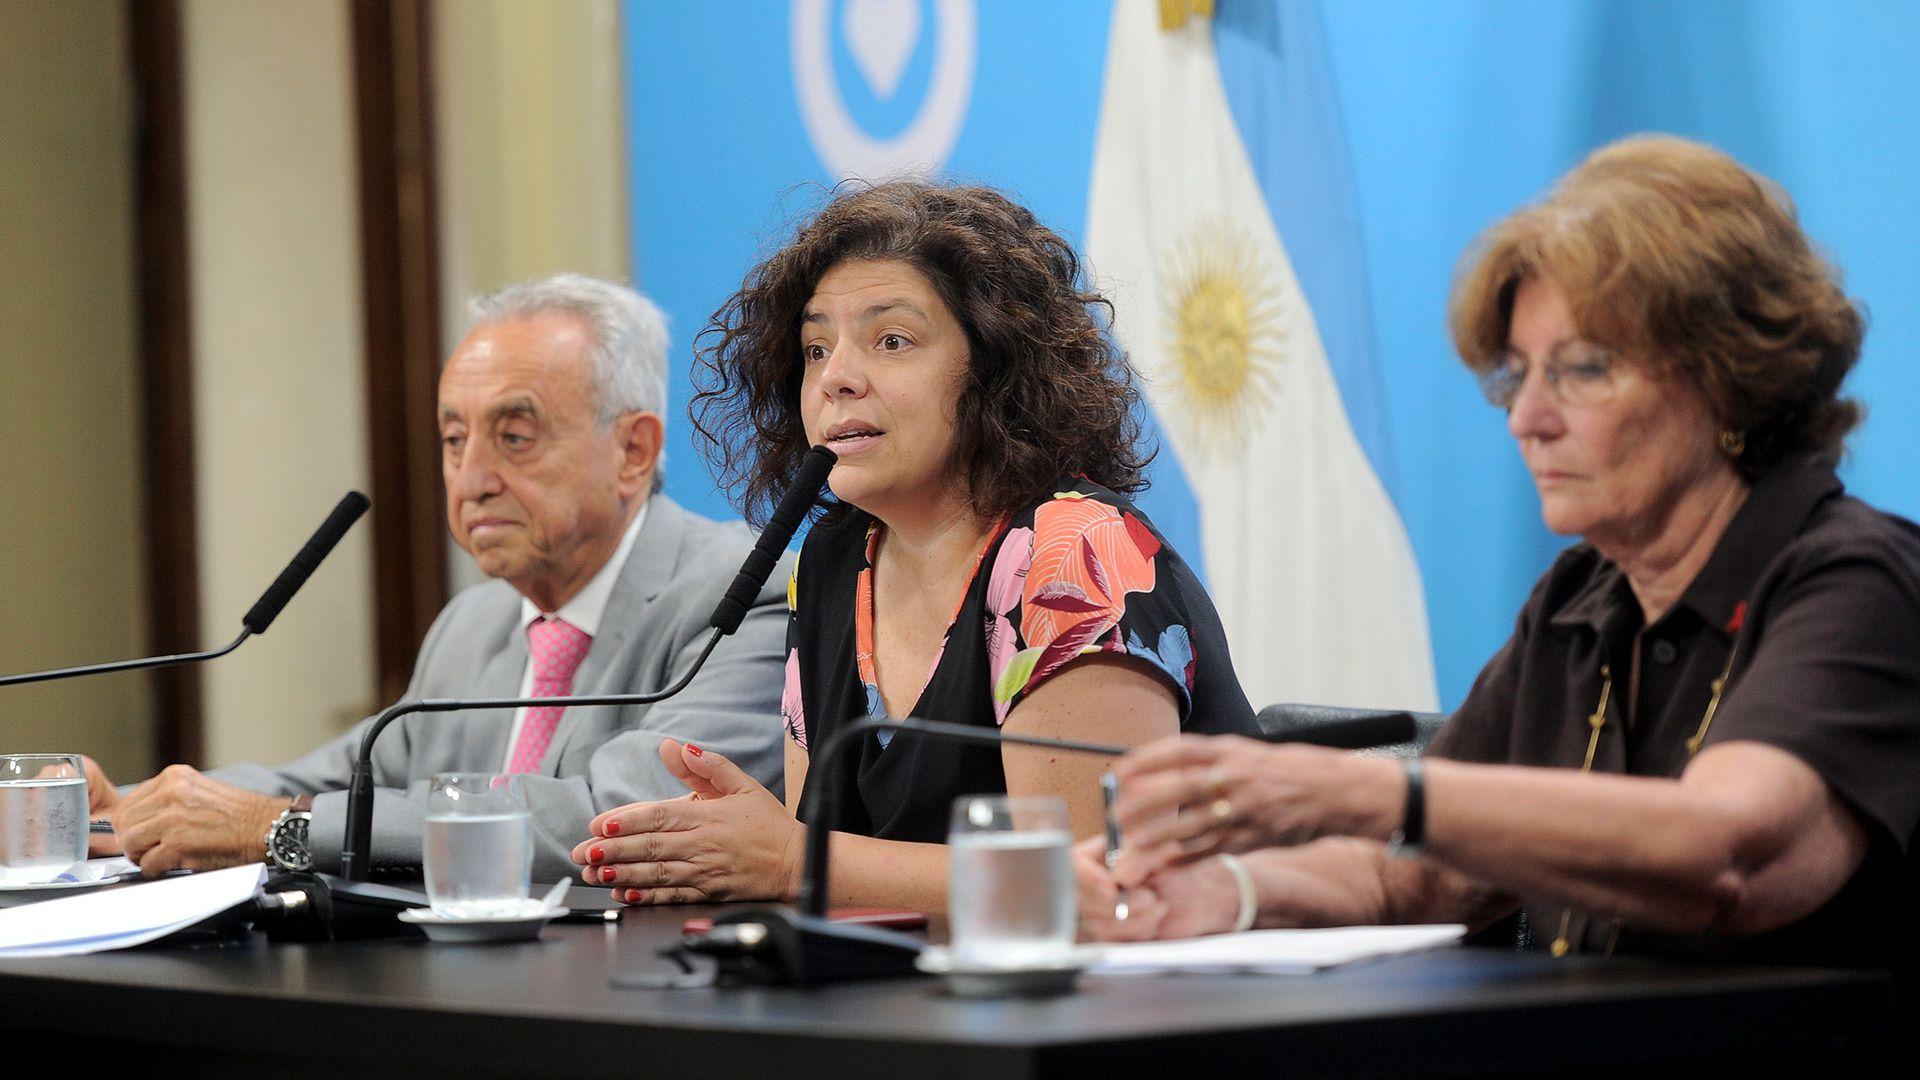 Carla Vizzotti, secretaria de Acceso a la Salud, una de las principales voceras en el marco de la pandemia (Osvaldo Fantón/Télam/AA)